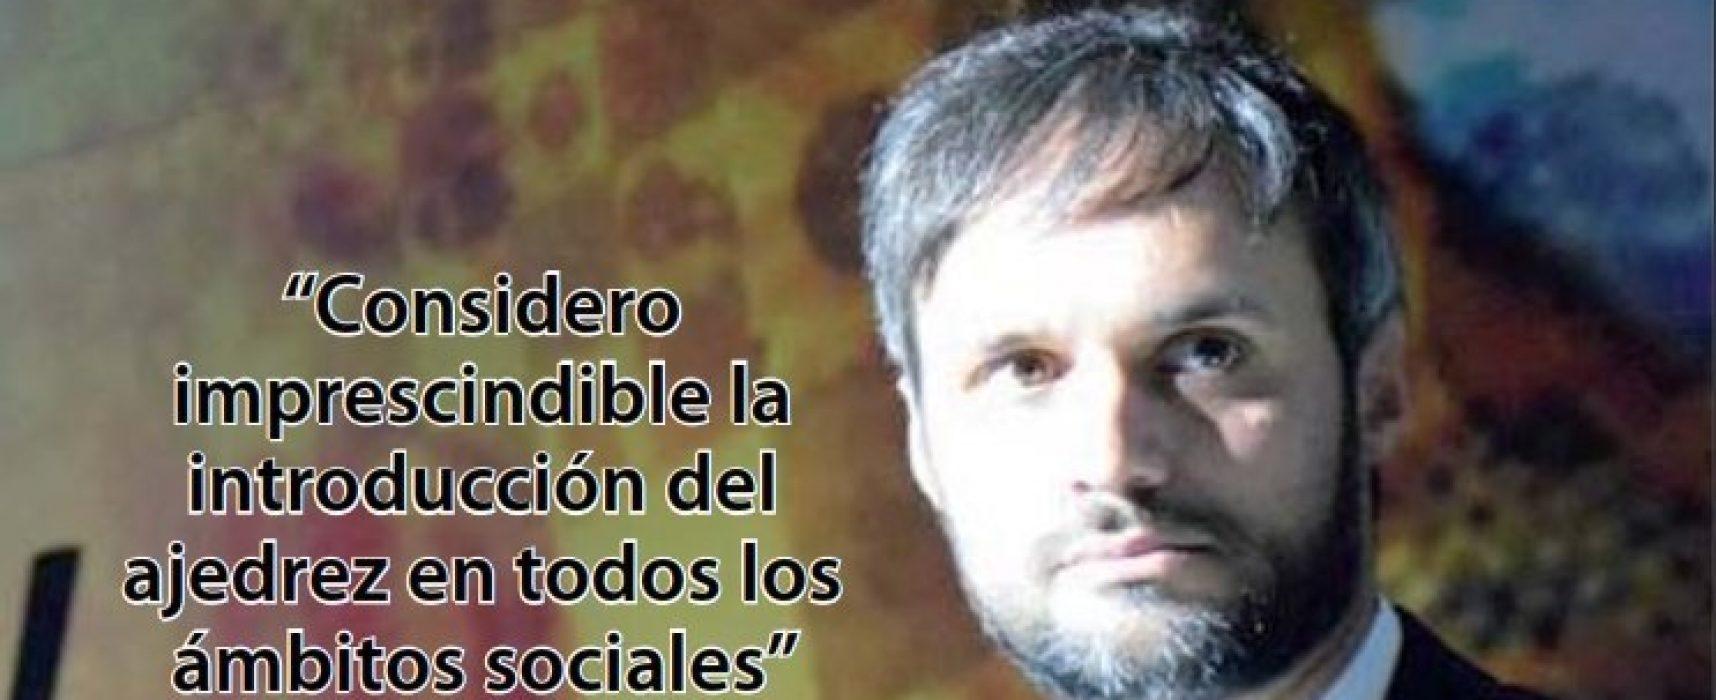 Nº 13 de la revista «Ajedrez social y terapéutico» (PDF)